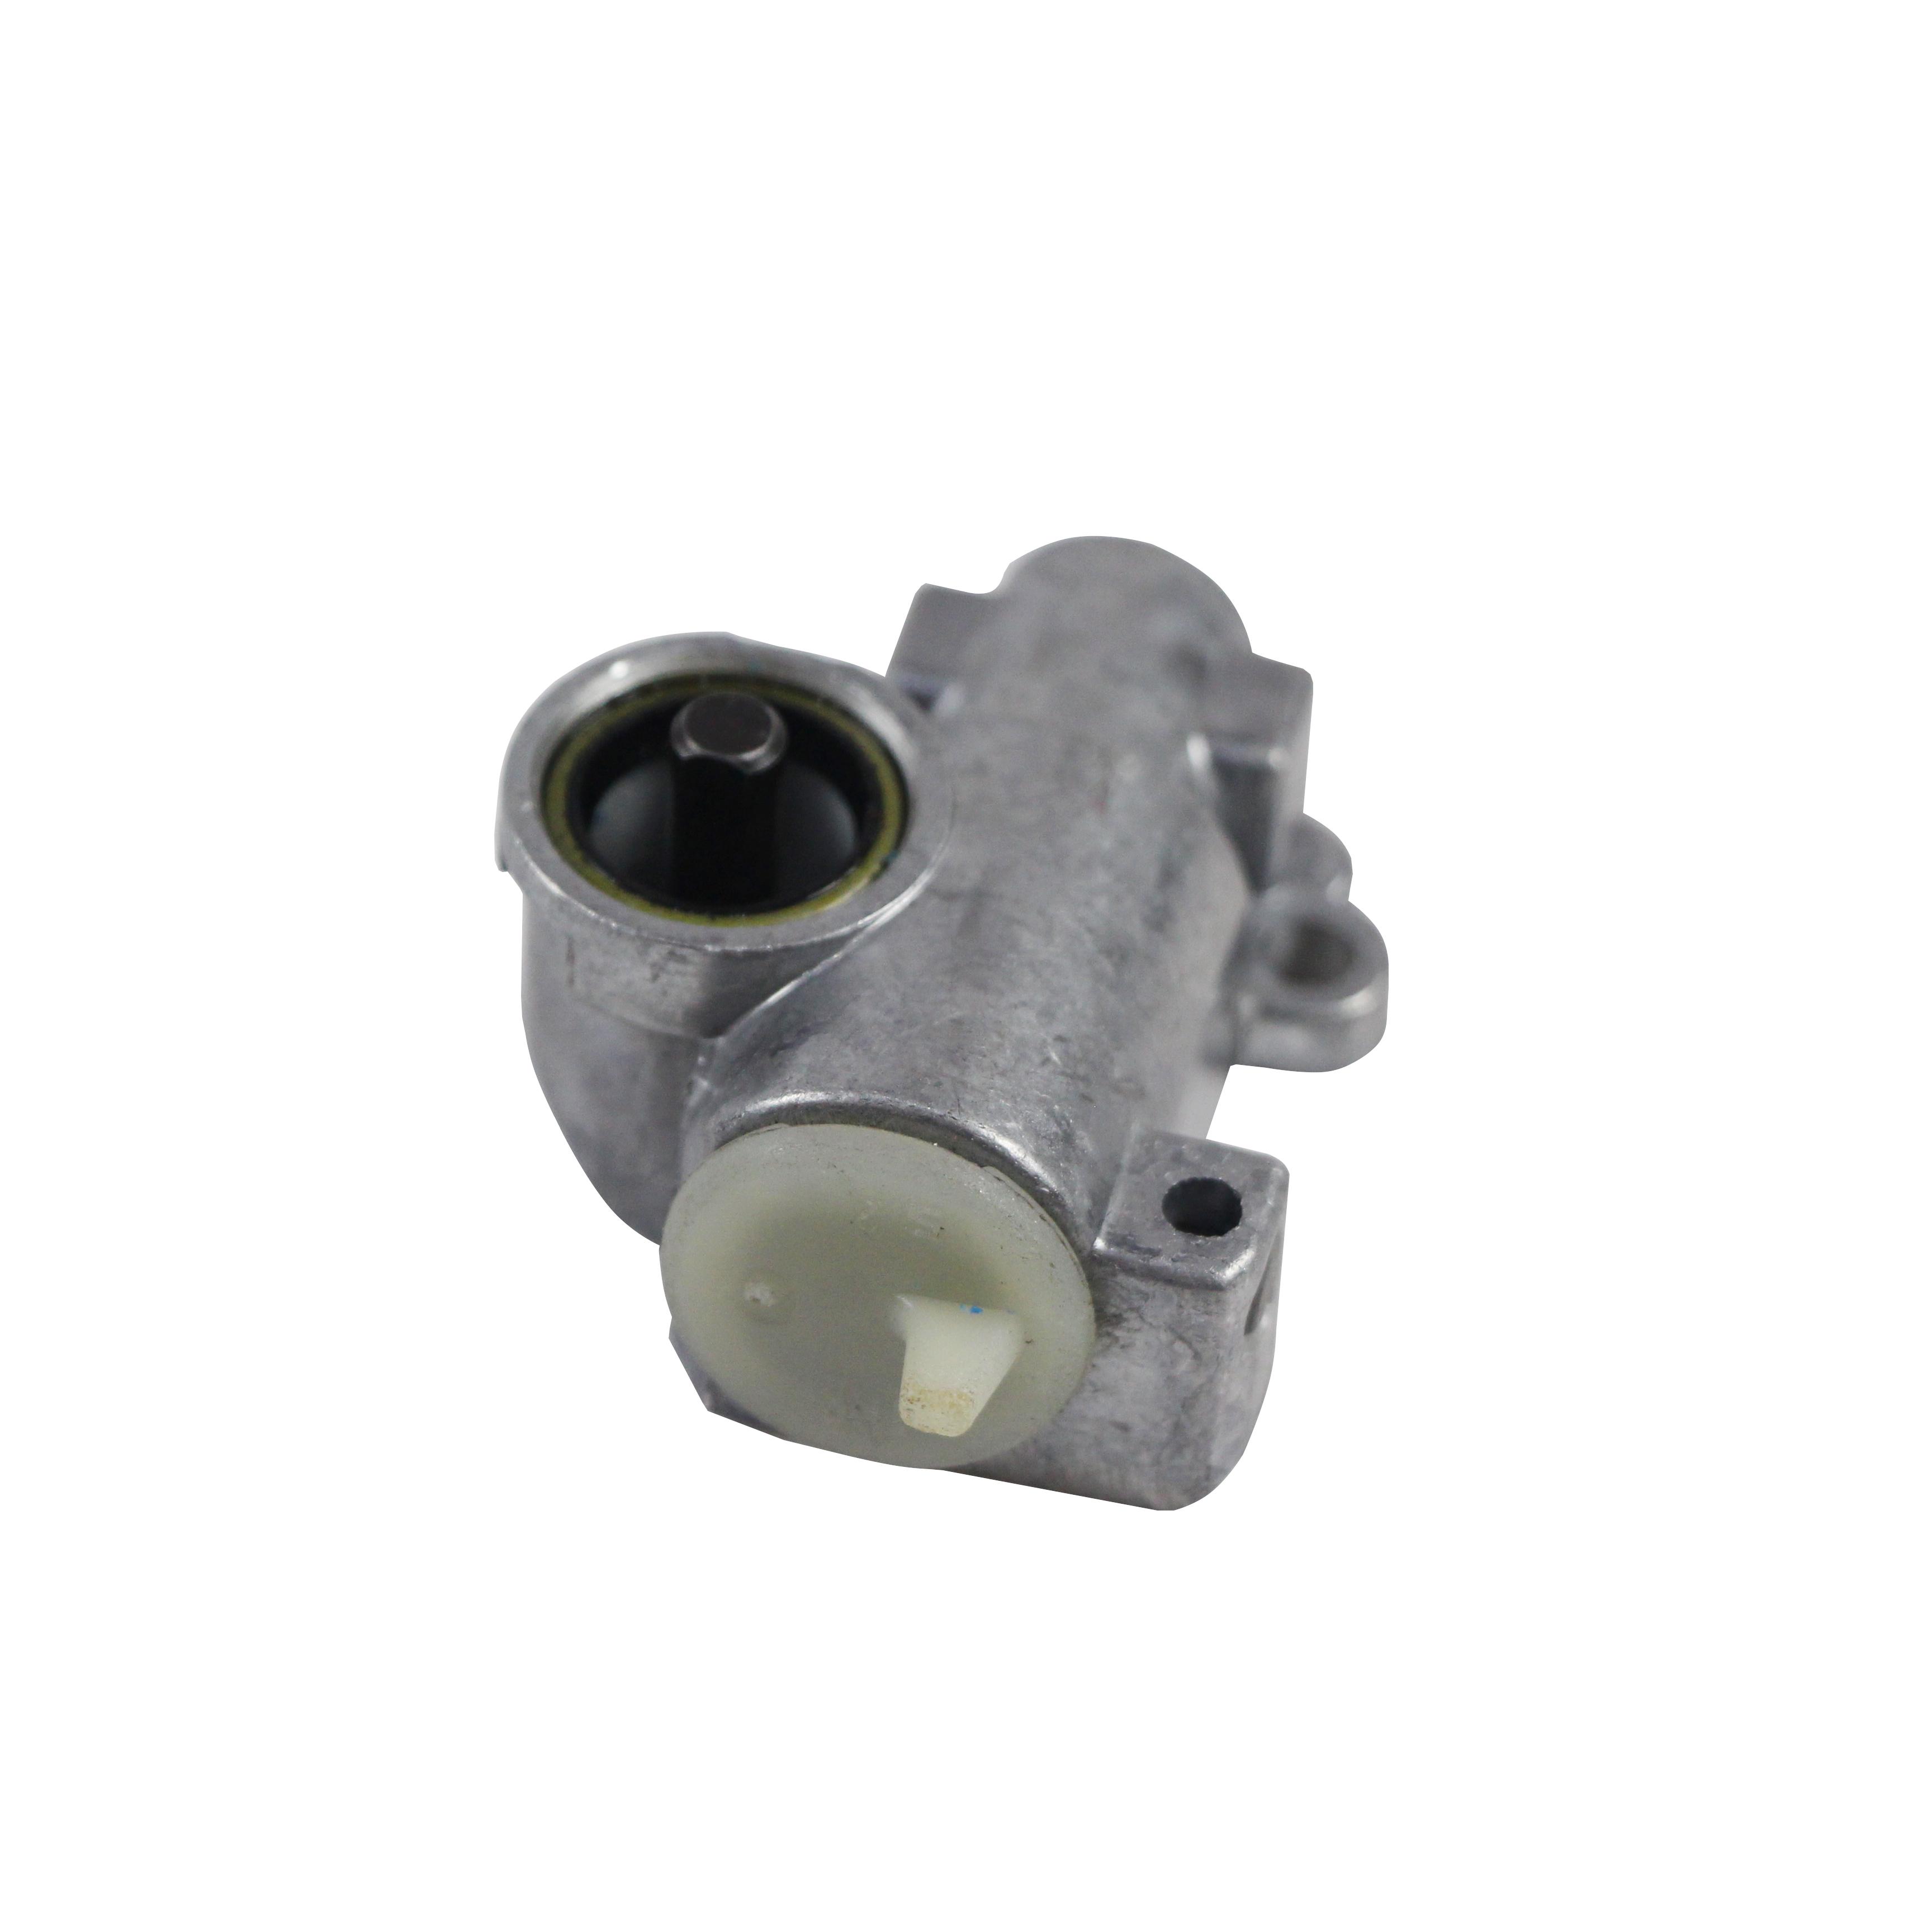 Confezione da 100 M5 x 10mm esagonale Bulloni flangiati A2 Viti esagonale in acciaio inox #35L74